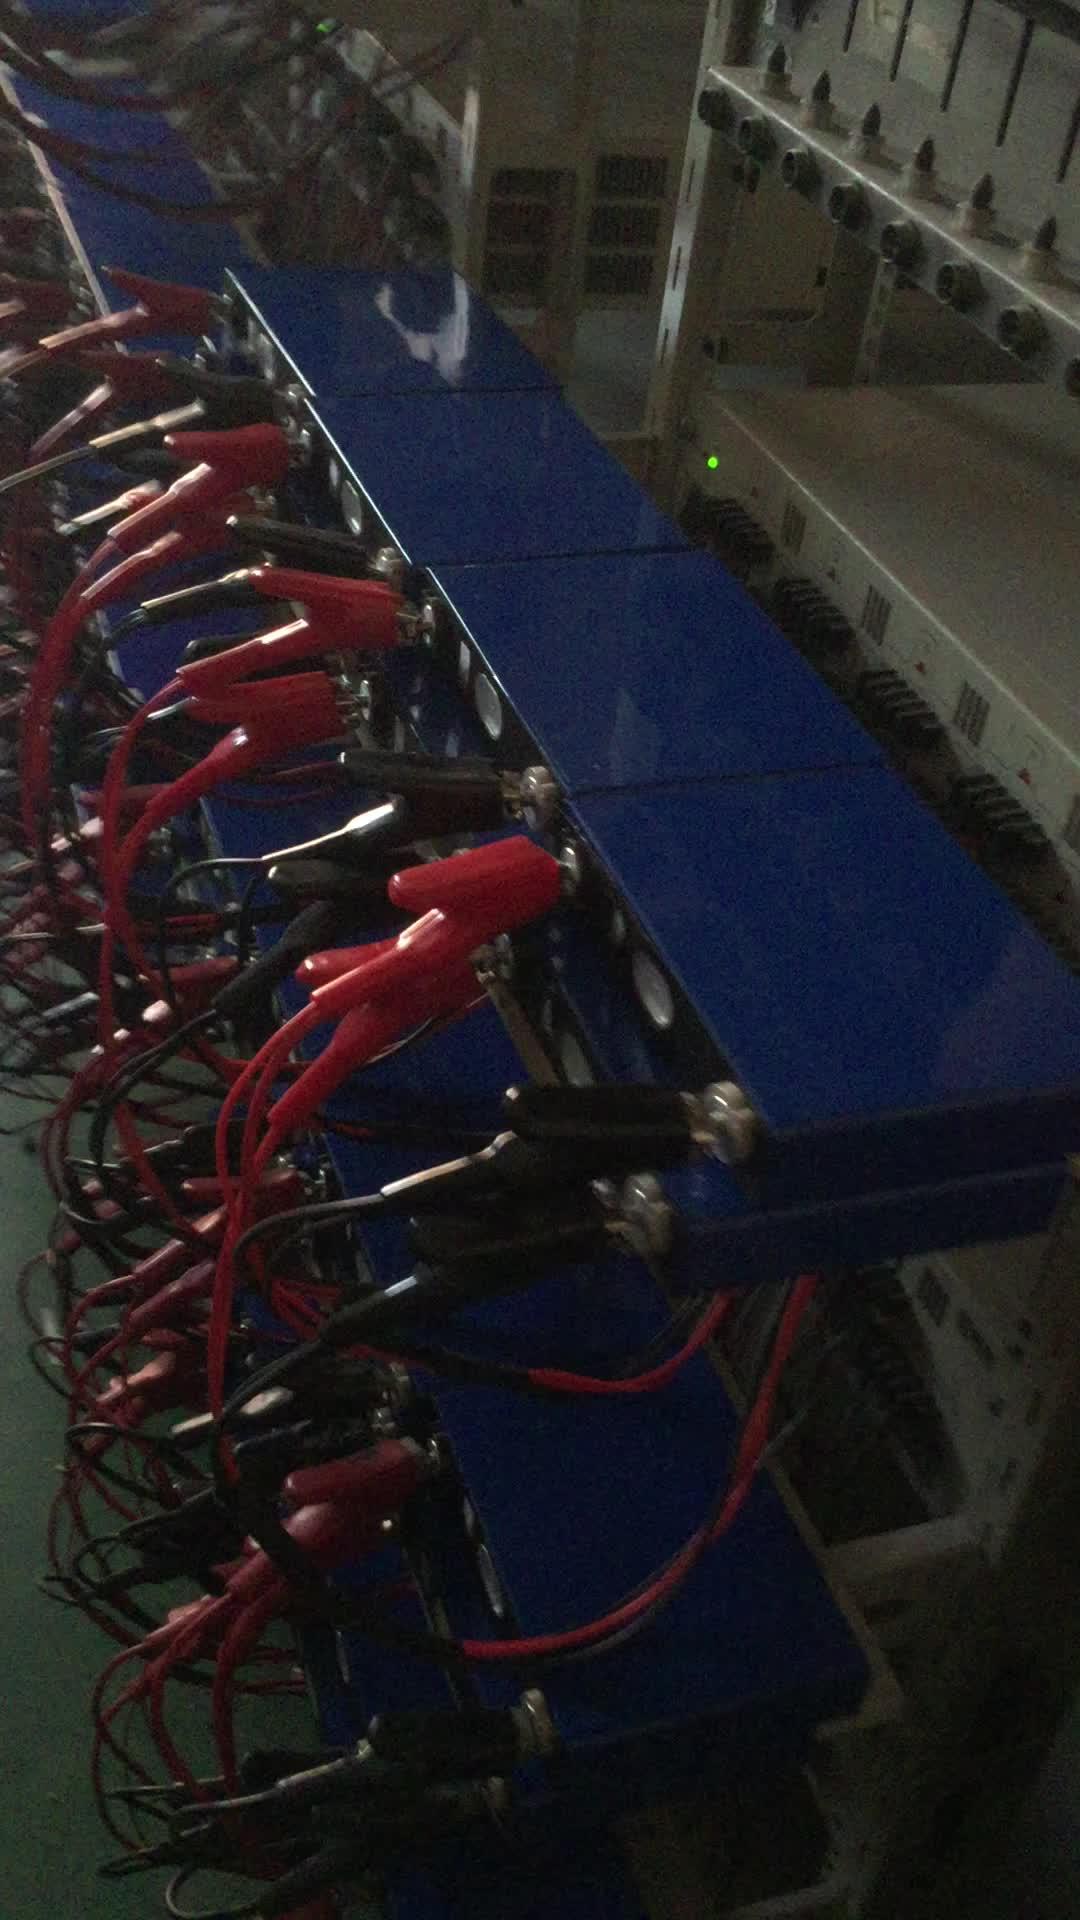 12 V LFP Pin OEM Khỏa Thân PVC Gói 12.8 V 50AH Pin Hỗ Trợ 24 V/36 V/48 V Loạt 3kw 5kw NĂNG LƯỢNG MẶT TRỜI Hệ Thống